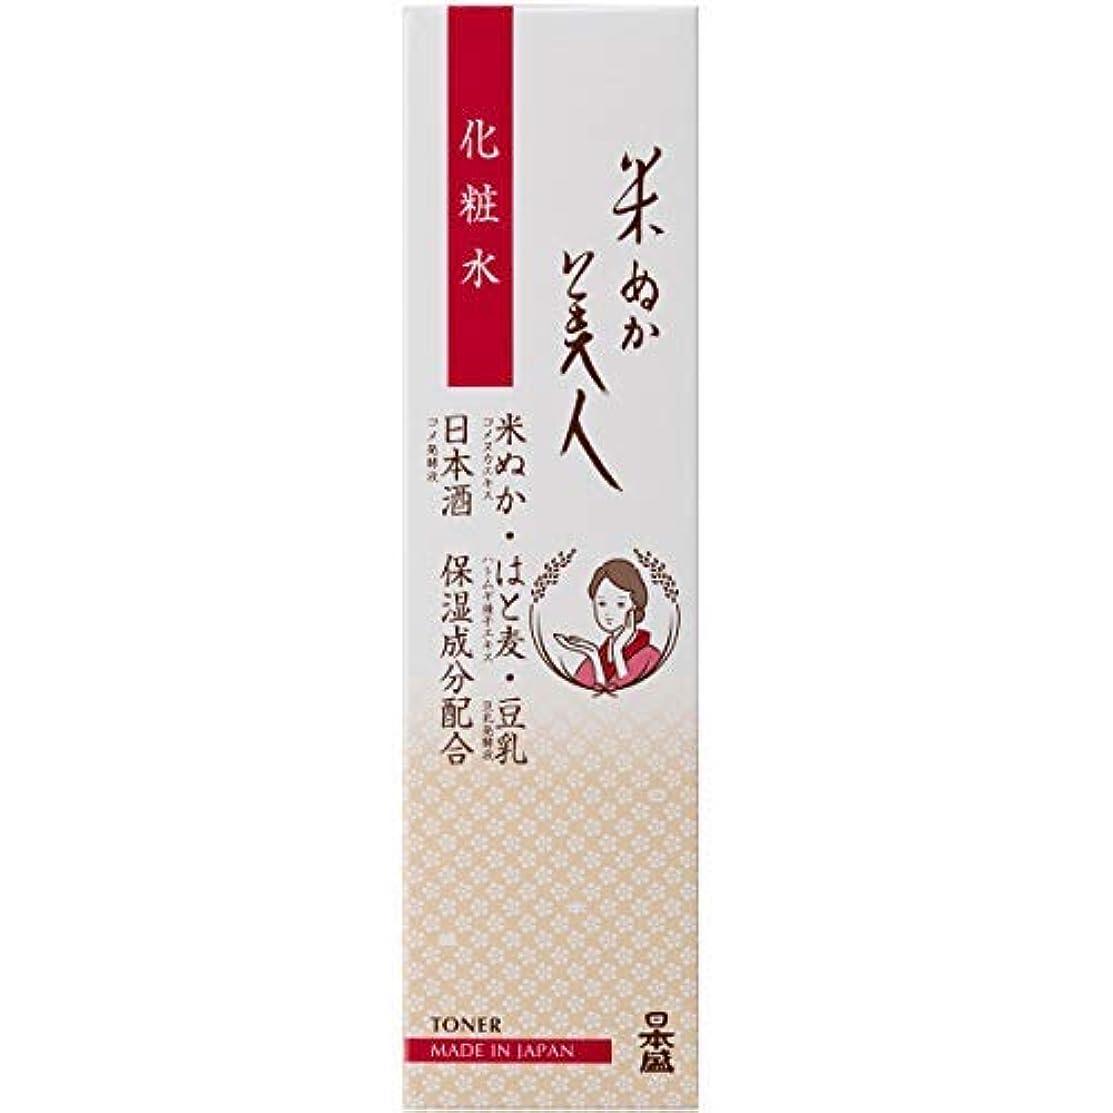 列車標準ささやき米ぬか美人 化粧水 × 6個セット